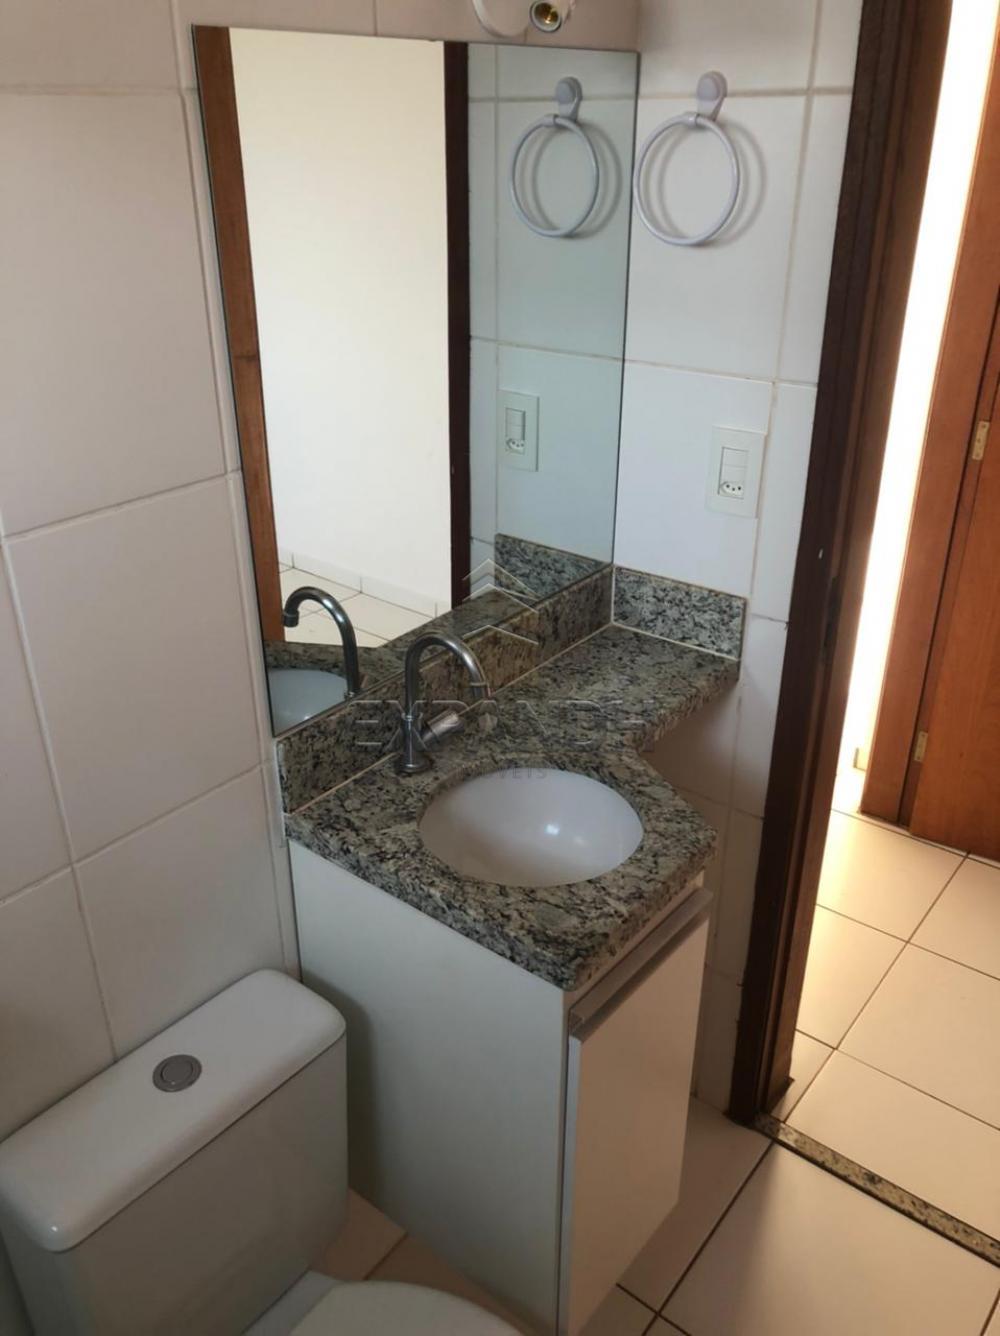 Alugar Apartamentos / Padrão em Sertãozinho R$ 850,00 - Foto 3